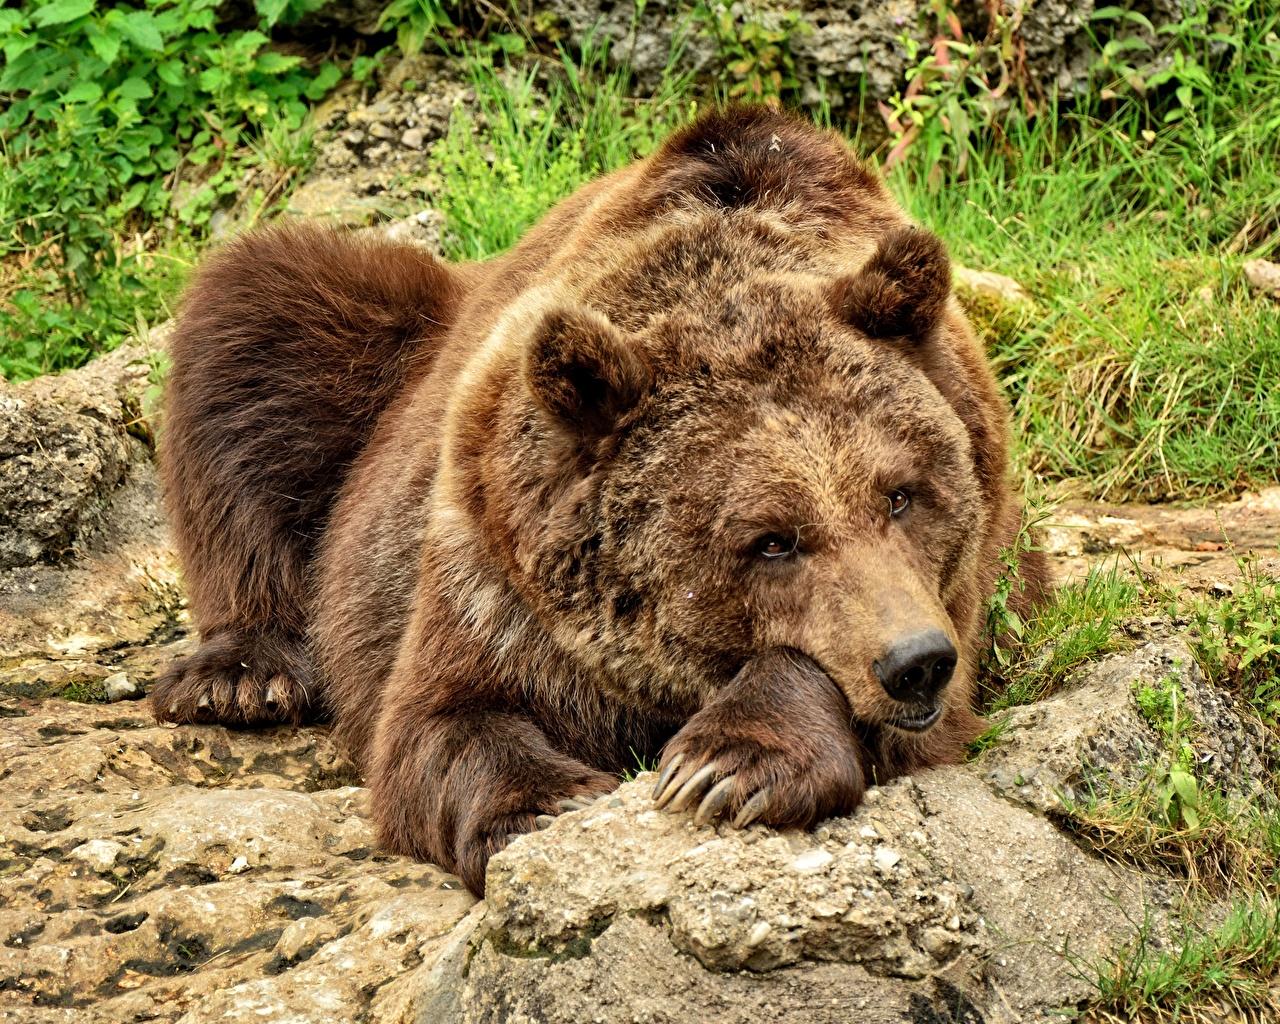 Обои для рабочего стола Гризли Медведи лежат Лапы Взгляд Животные Бурые Медведи медведь лежа Лежит лежачие лап смотрит смотрят животное